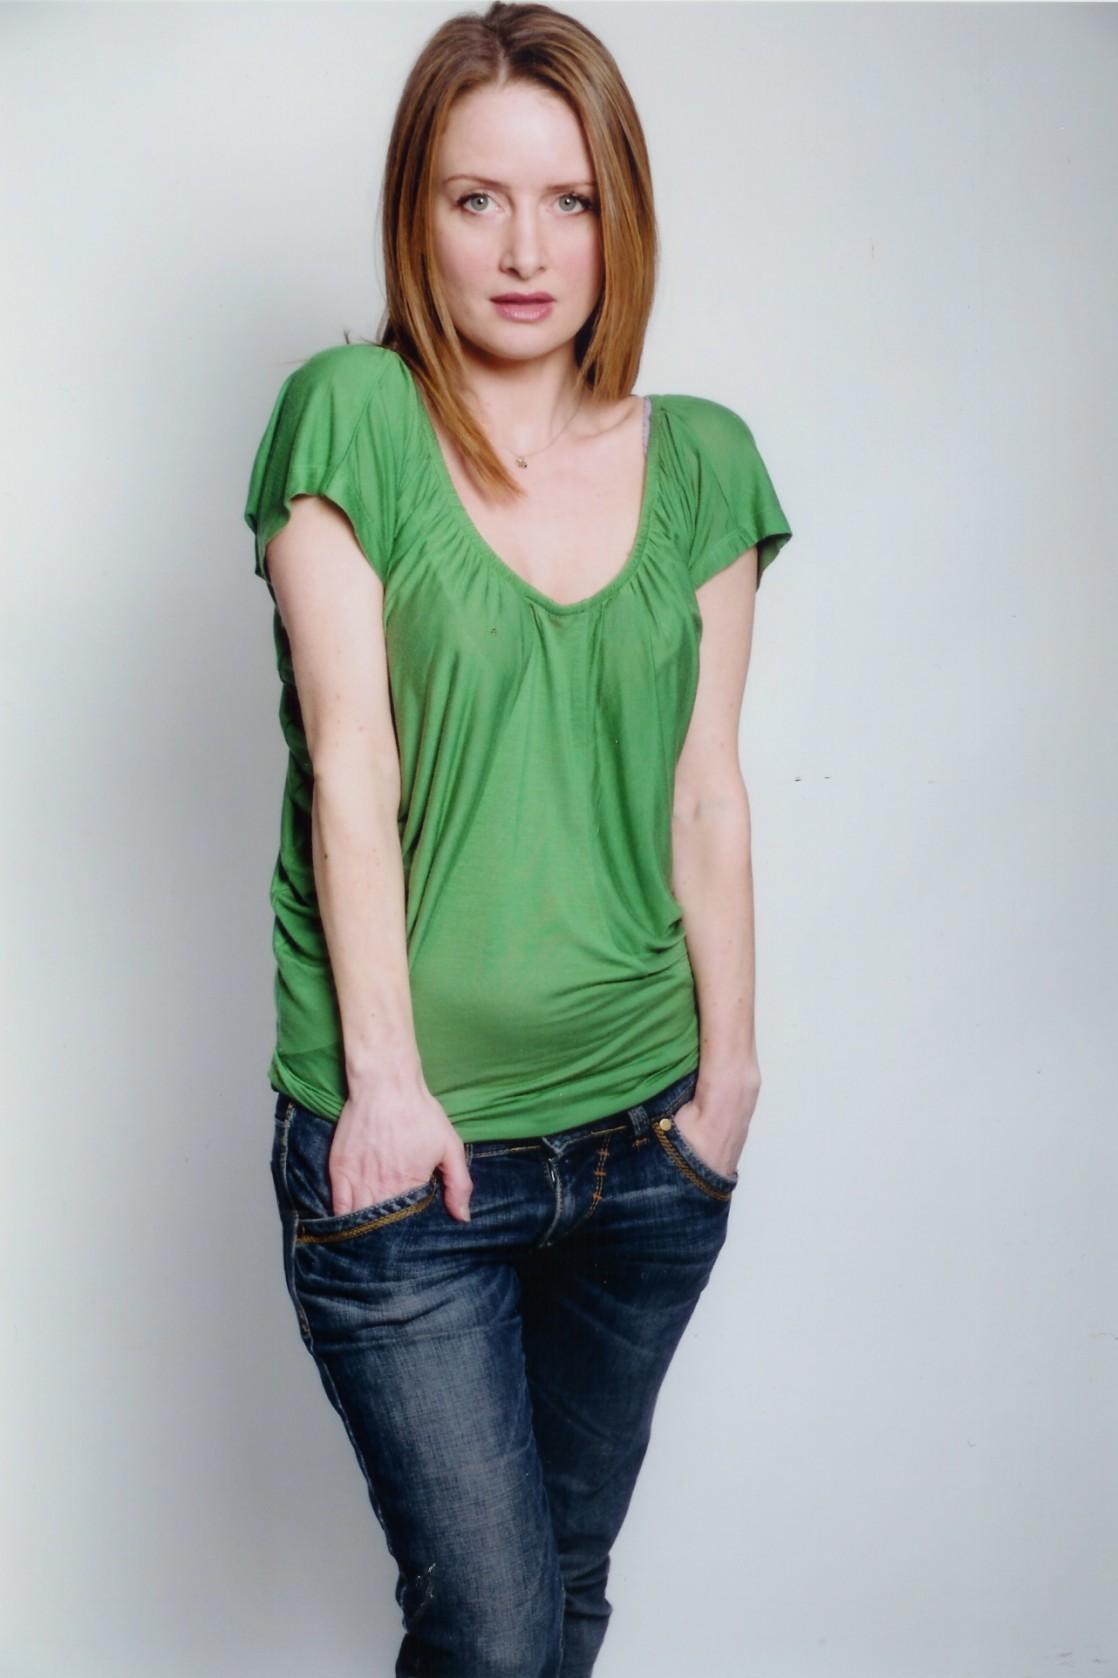 Poze Zoe Telford - Actor - Poza 15 din 16 - CineMagia.ro